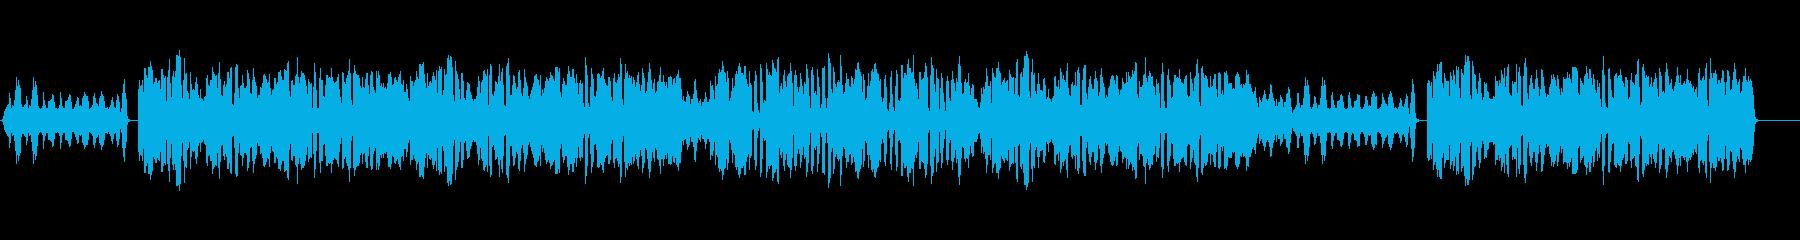 ウェディングムービーの幼少期にぴったりの再生済みの波形